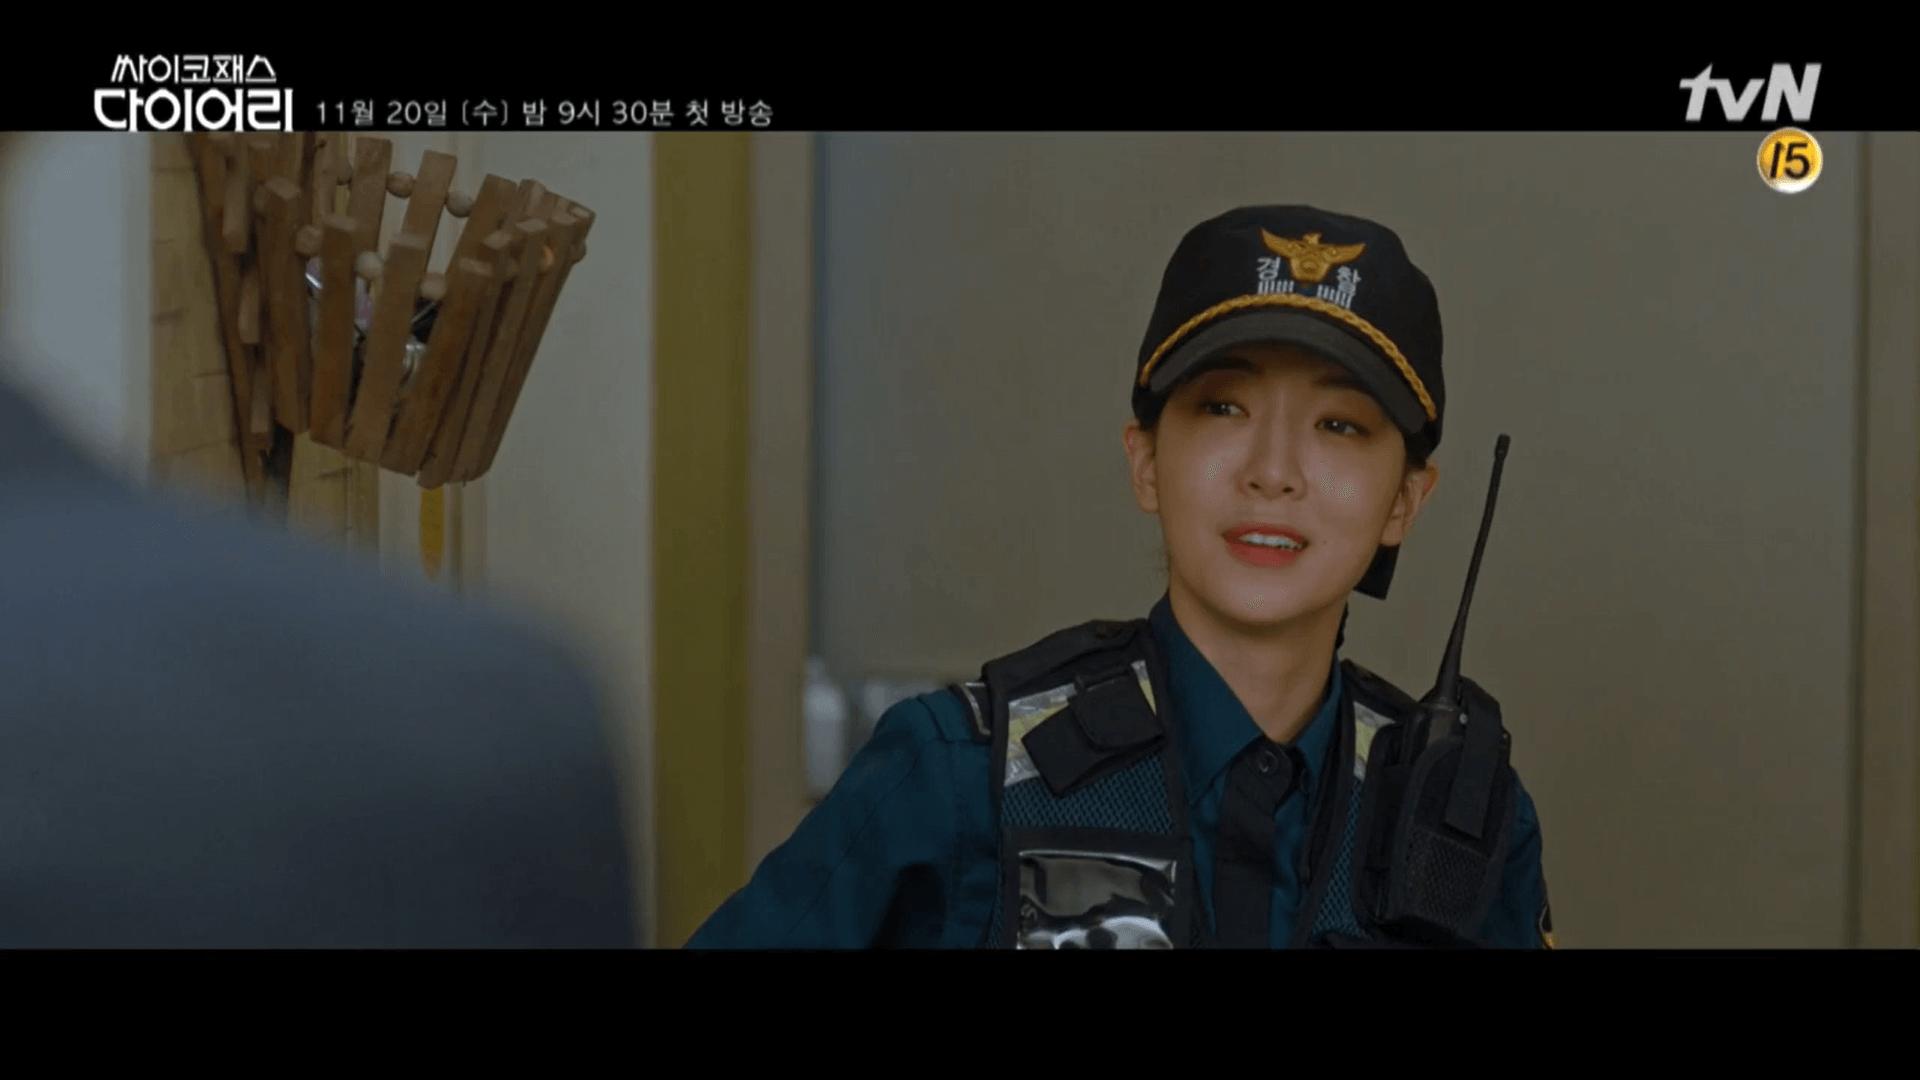 鄭仁仙在劇中飾演巡警,對案件線索有着靈敏觸覺。